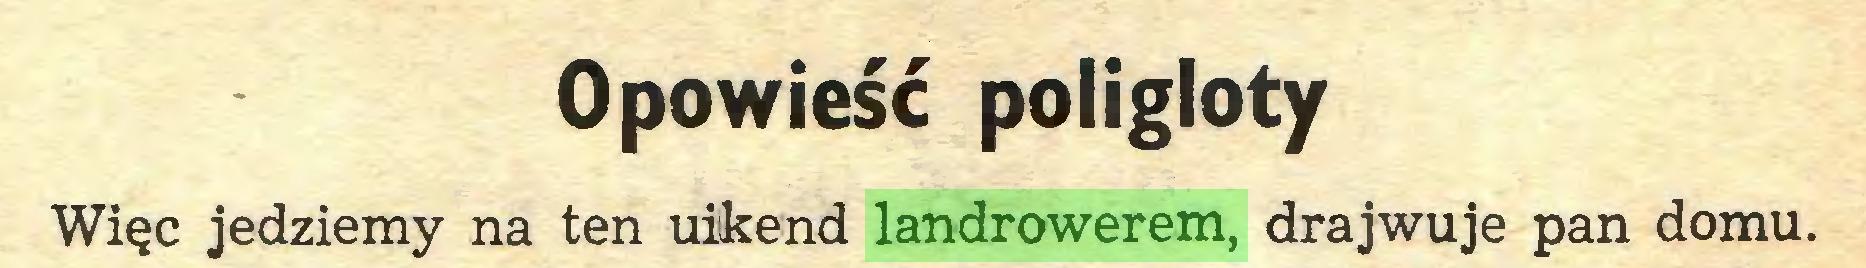 (...) Opowieść poligloty Więc jedziemy na ten uikend landrowerem, drajwuje pan domu...